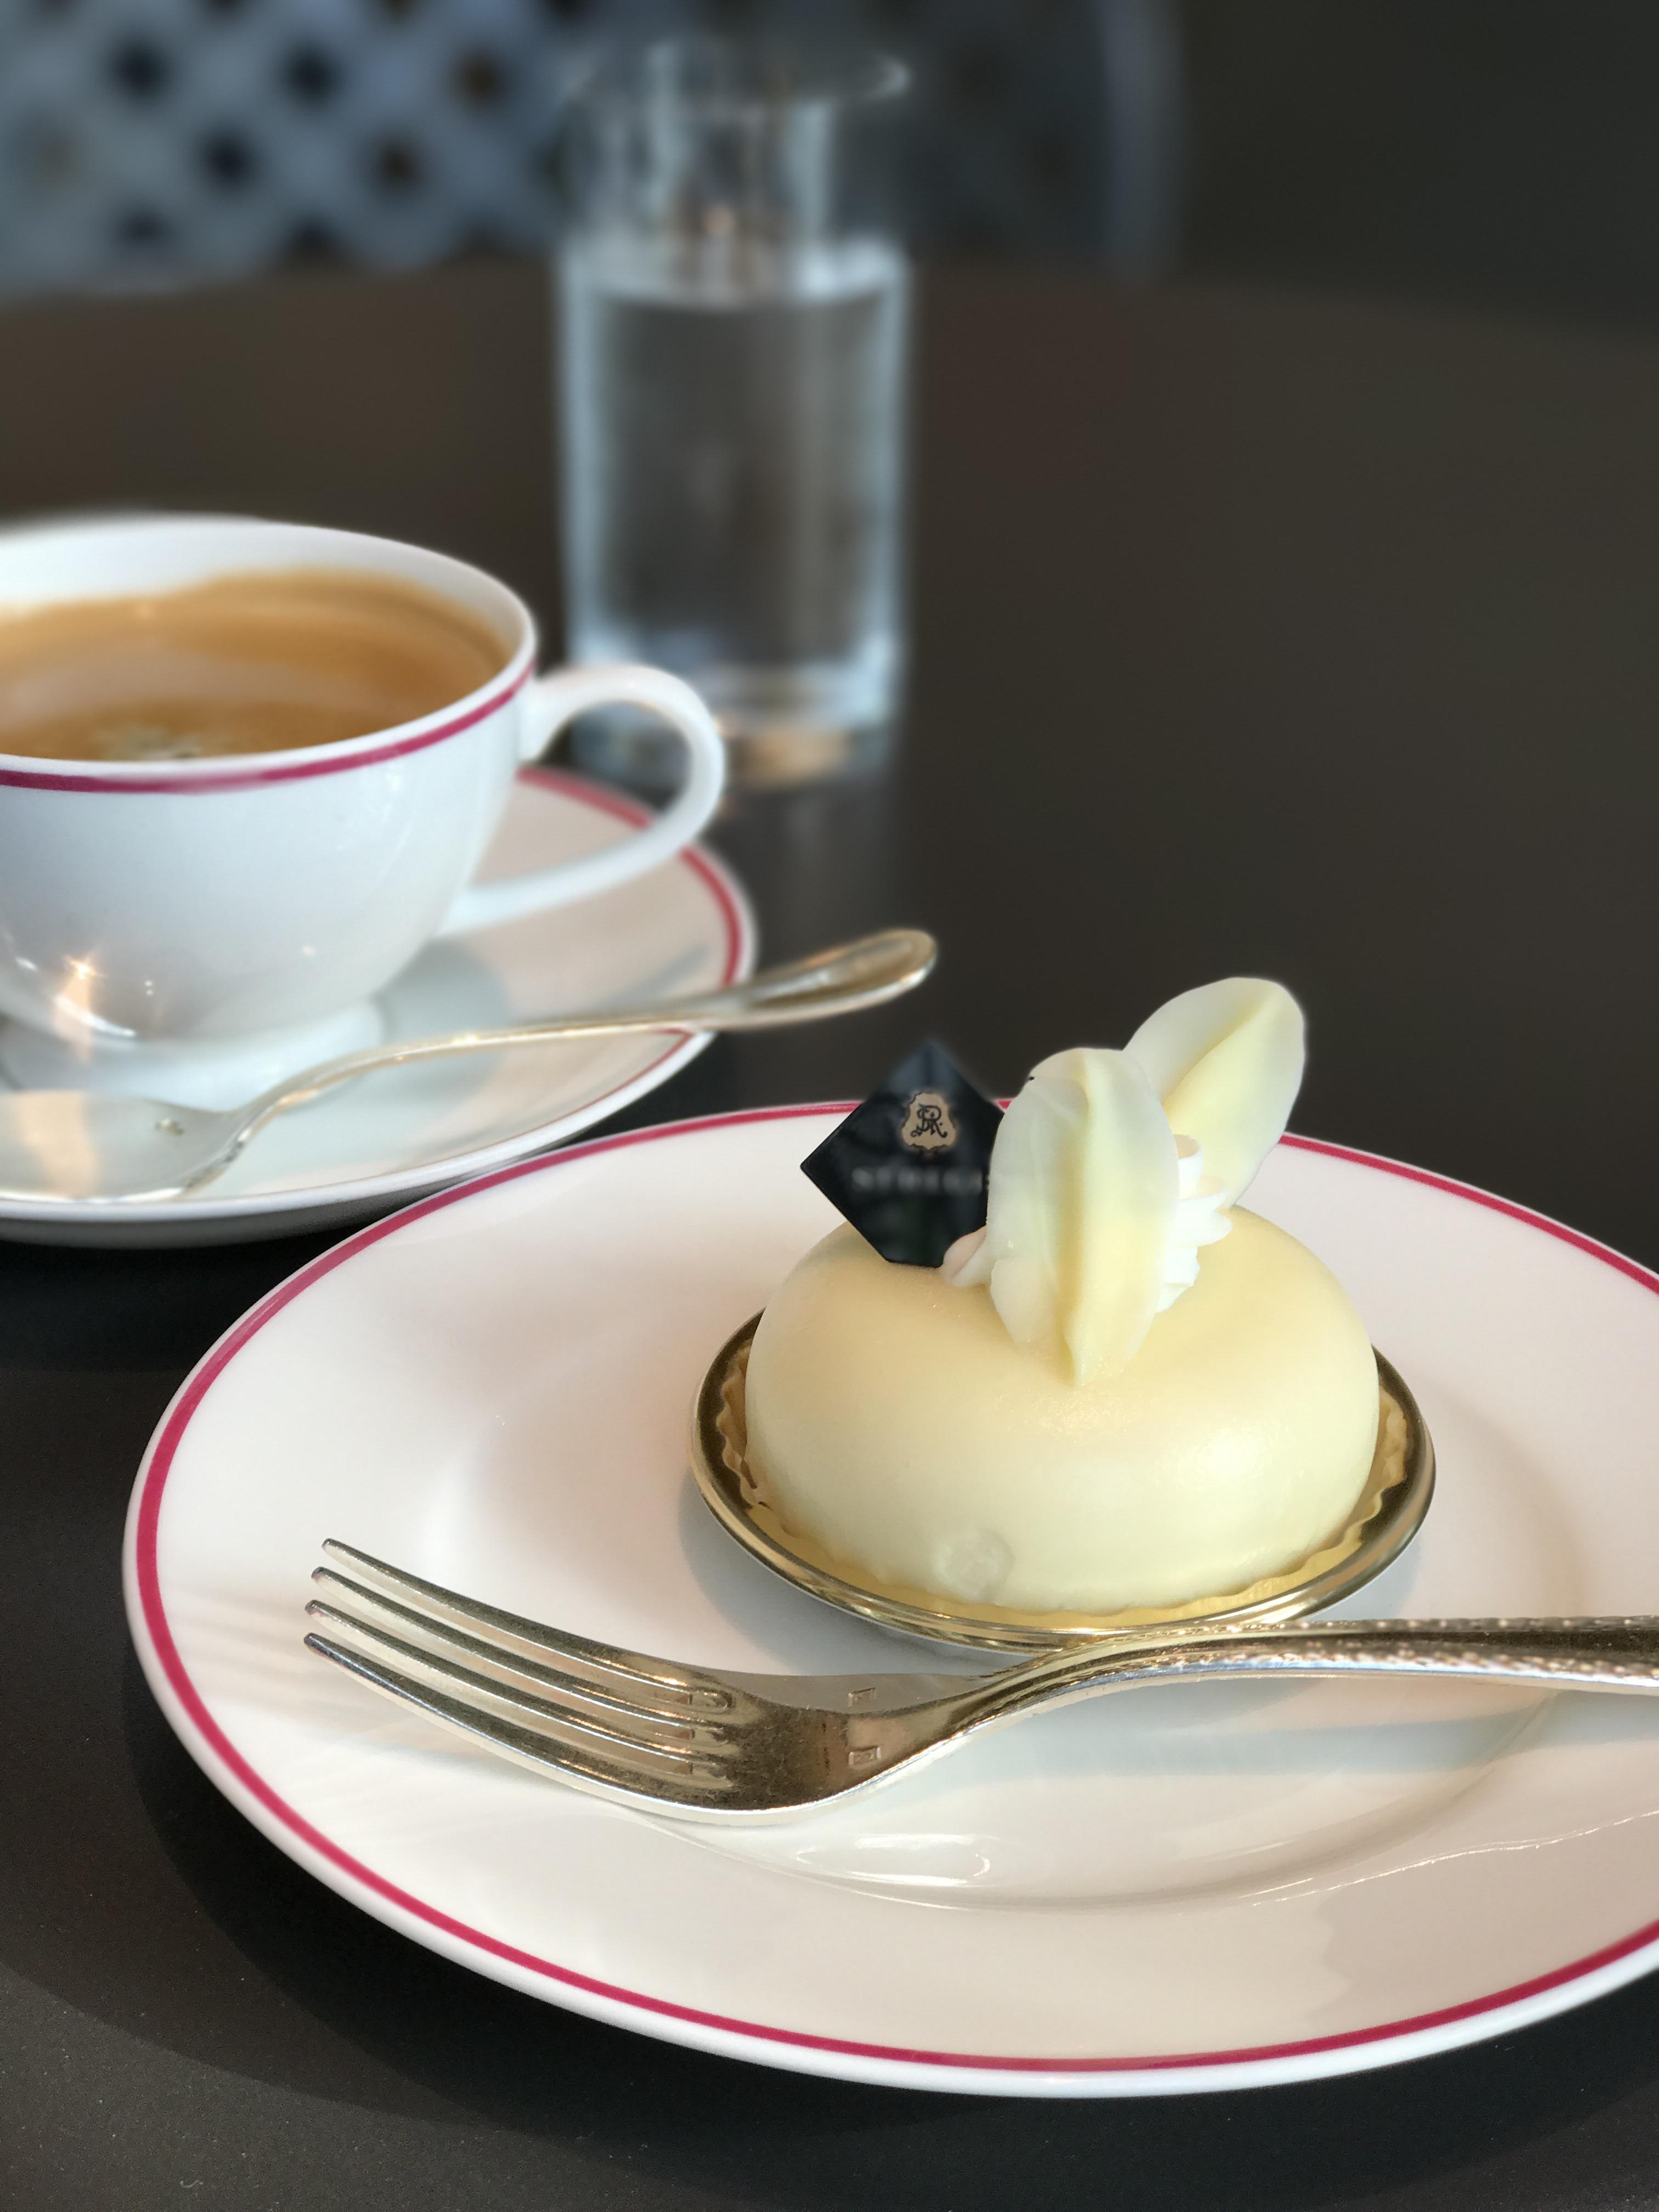 ST REGIS(セントレジス) Officeロビーにケーキが美味しい手軽なcafe、静かでゆっくりできます。